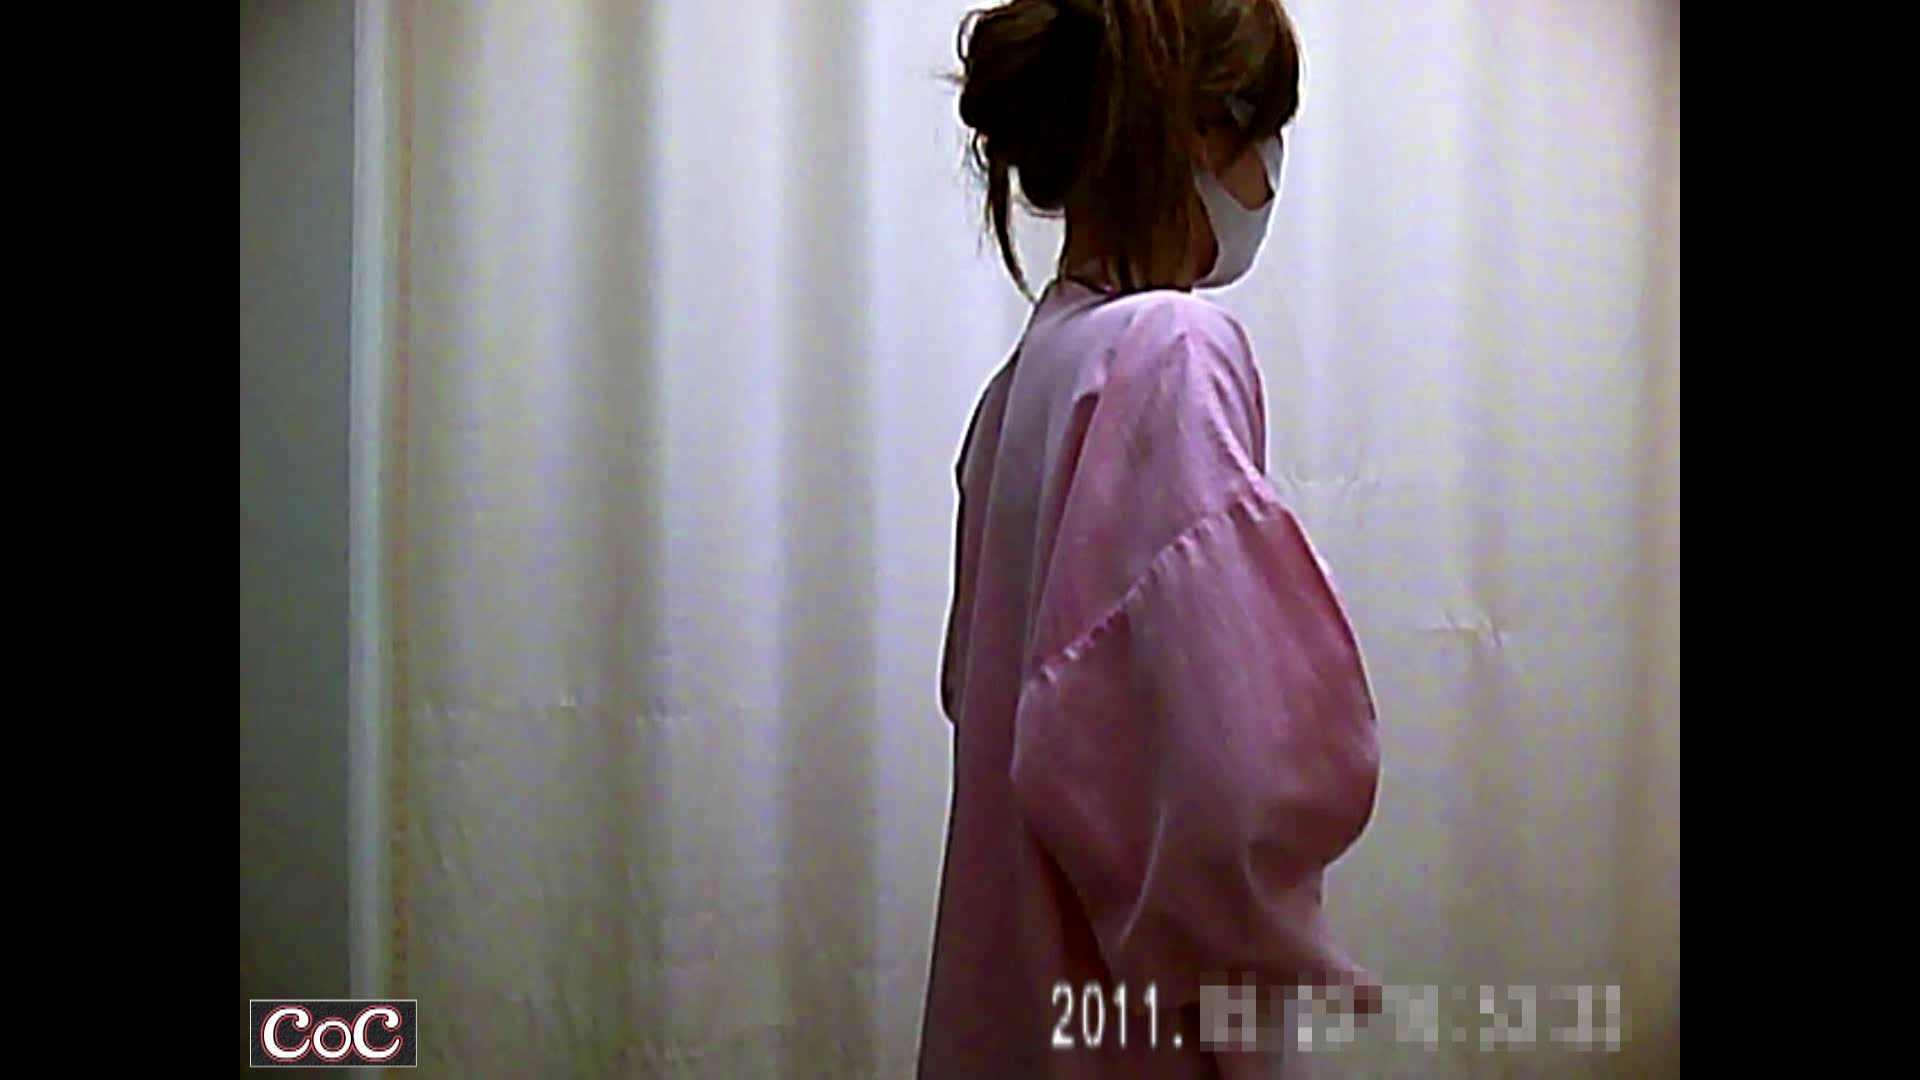 元医者による反抗 更衣室地獄絵巻 vol.171 OL  106pic 47